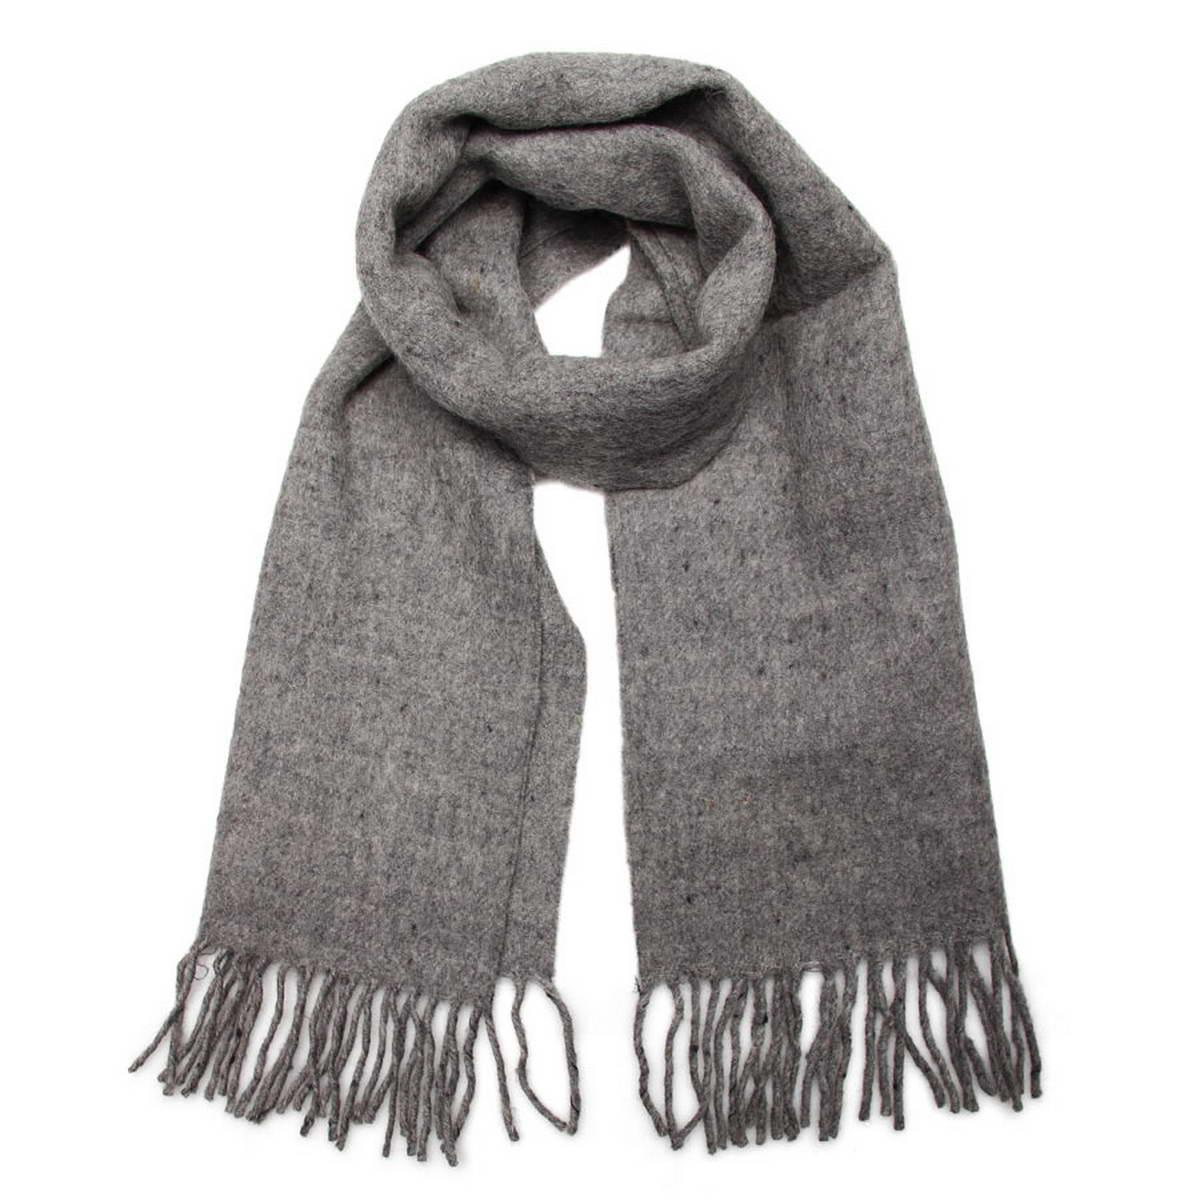 Шарф мужской. 5002432-35002432-3Мужской однотонный шарф, выполненный из натуральной шерсти, которая поможет сохранить тепло в самые морозны дни. Модель дополнена бахромой по краям, несмотря на простой дизайн, аксессуар сделает мужской образ стильным и завершенным. Данный шарф прекрасно подойдет к мужскому пальто или классическому строгому костюму.